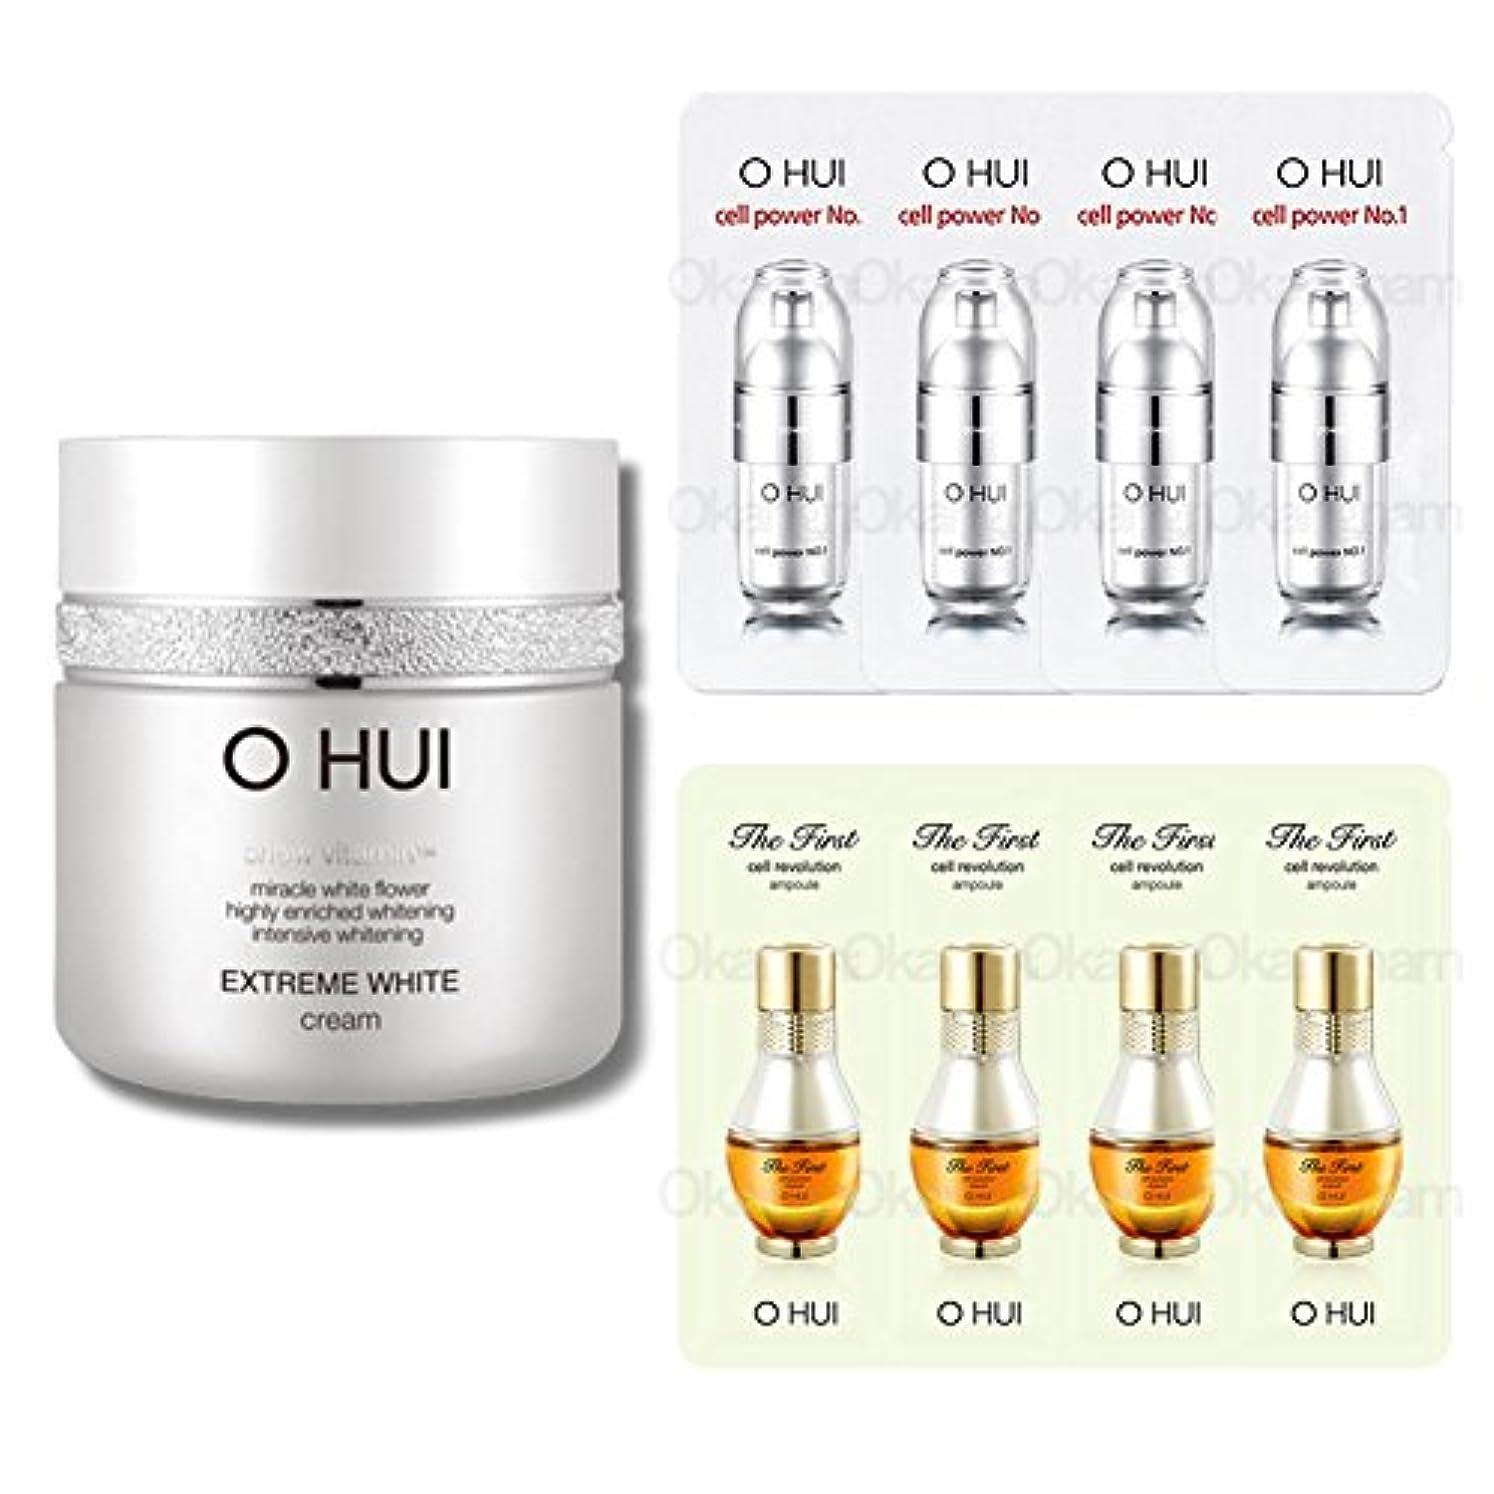 発生悪化する研磨[オフィ/ O HUI]韓国化粧品 LG生活健康/ OHUI OEW04 EXTREME WHITE CREAM/オフィ エクストリーム ホワイトクリーム 50ml +[Sample Gift](海外直送品)